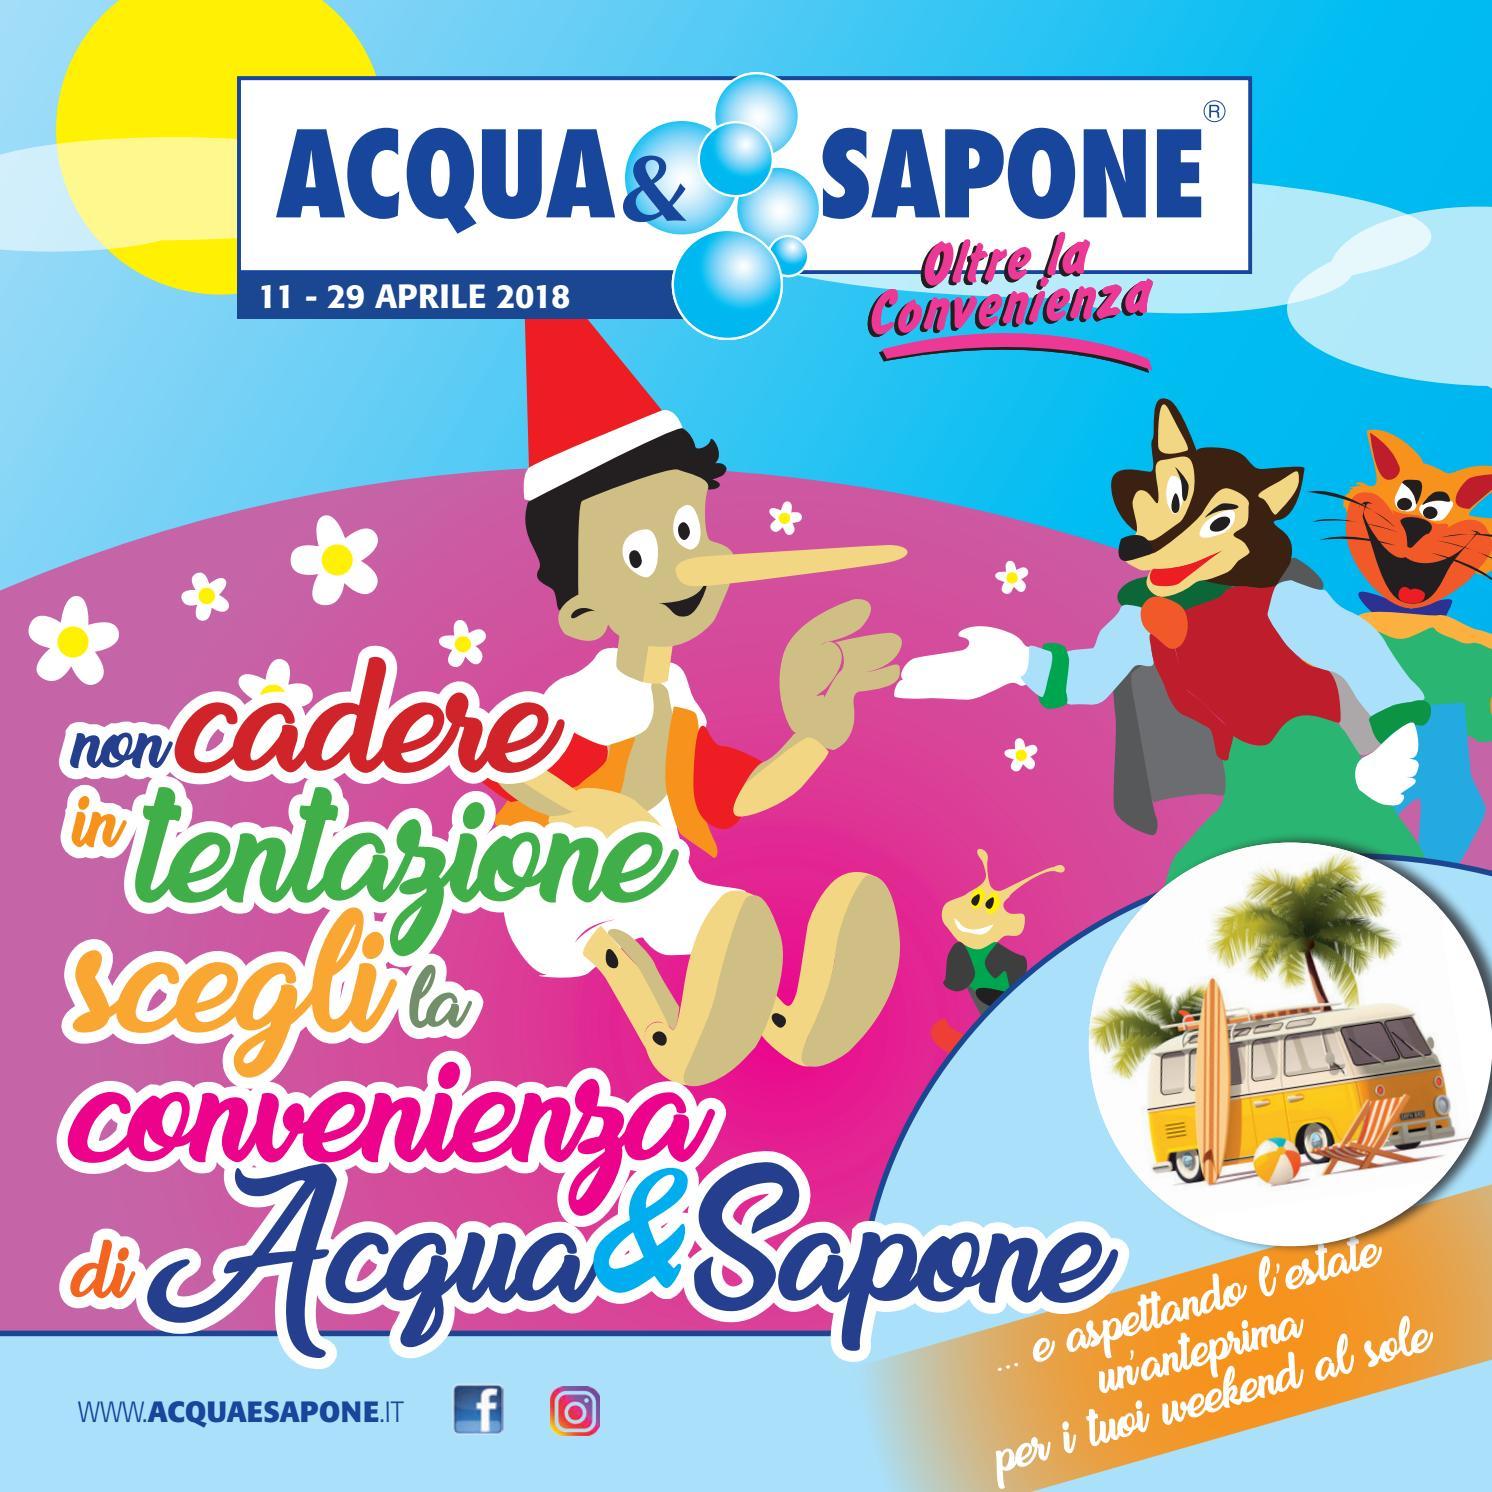 Volantino acqua sapone n 6 2018 by acqua sapone toscana for Volantino acqua e sapone toscana